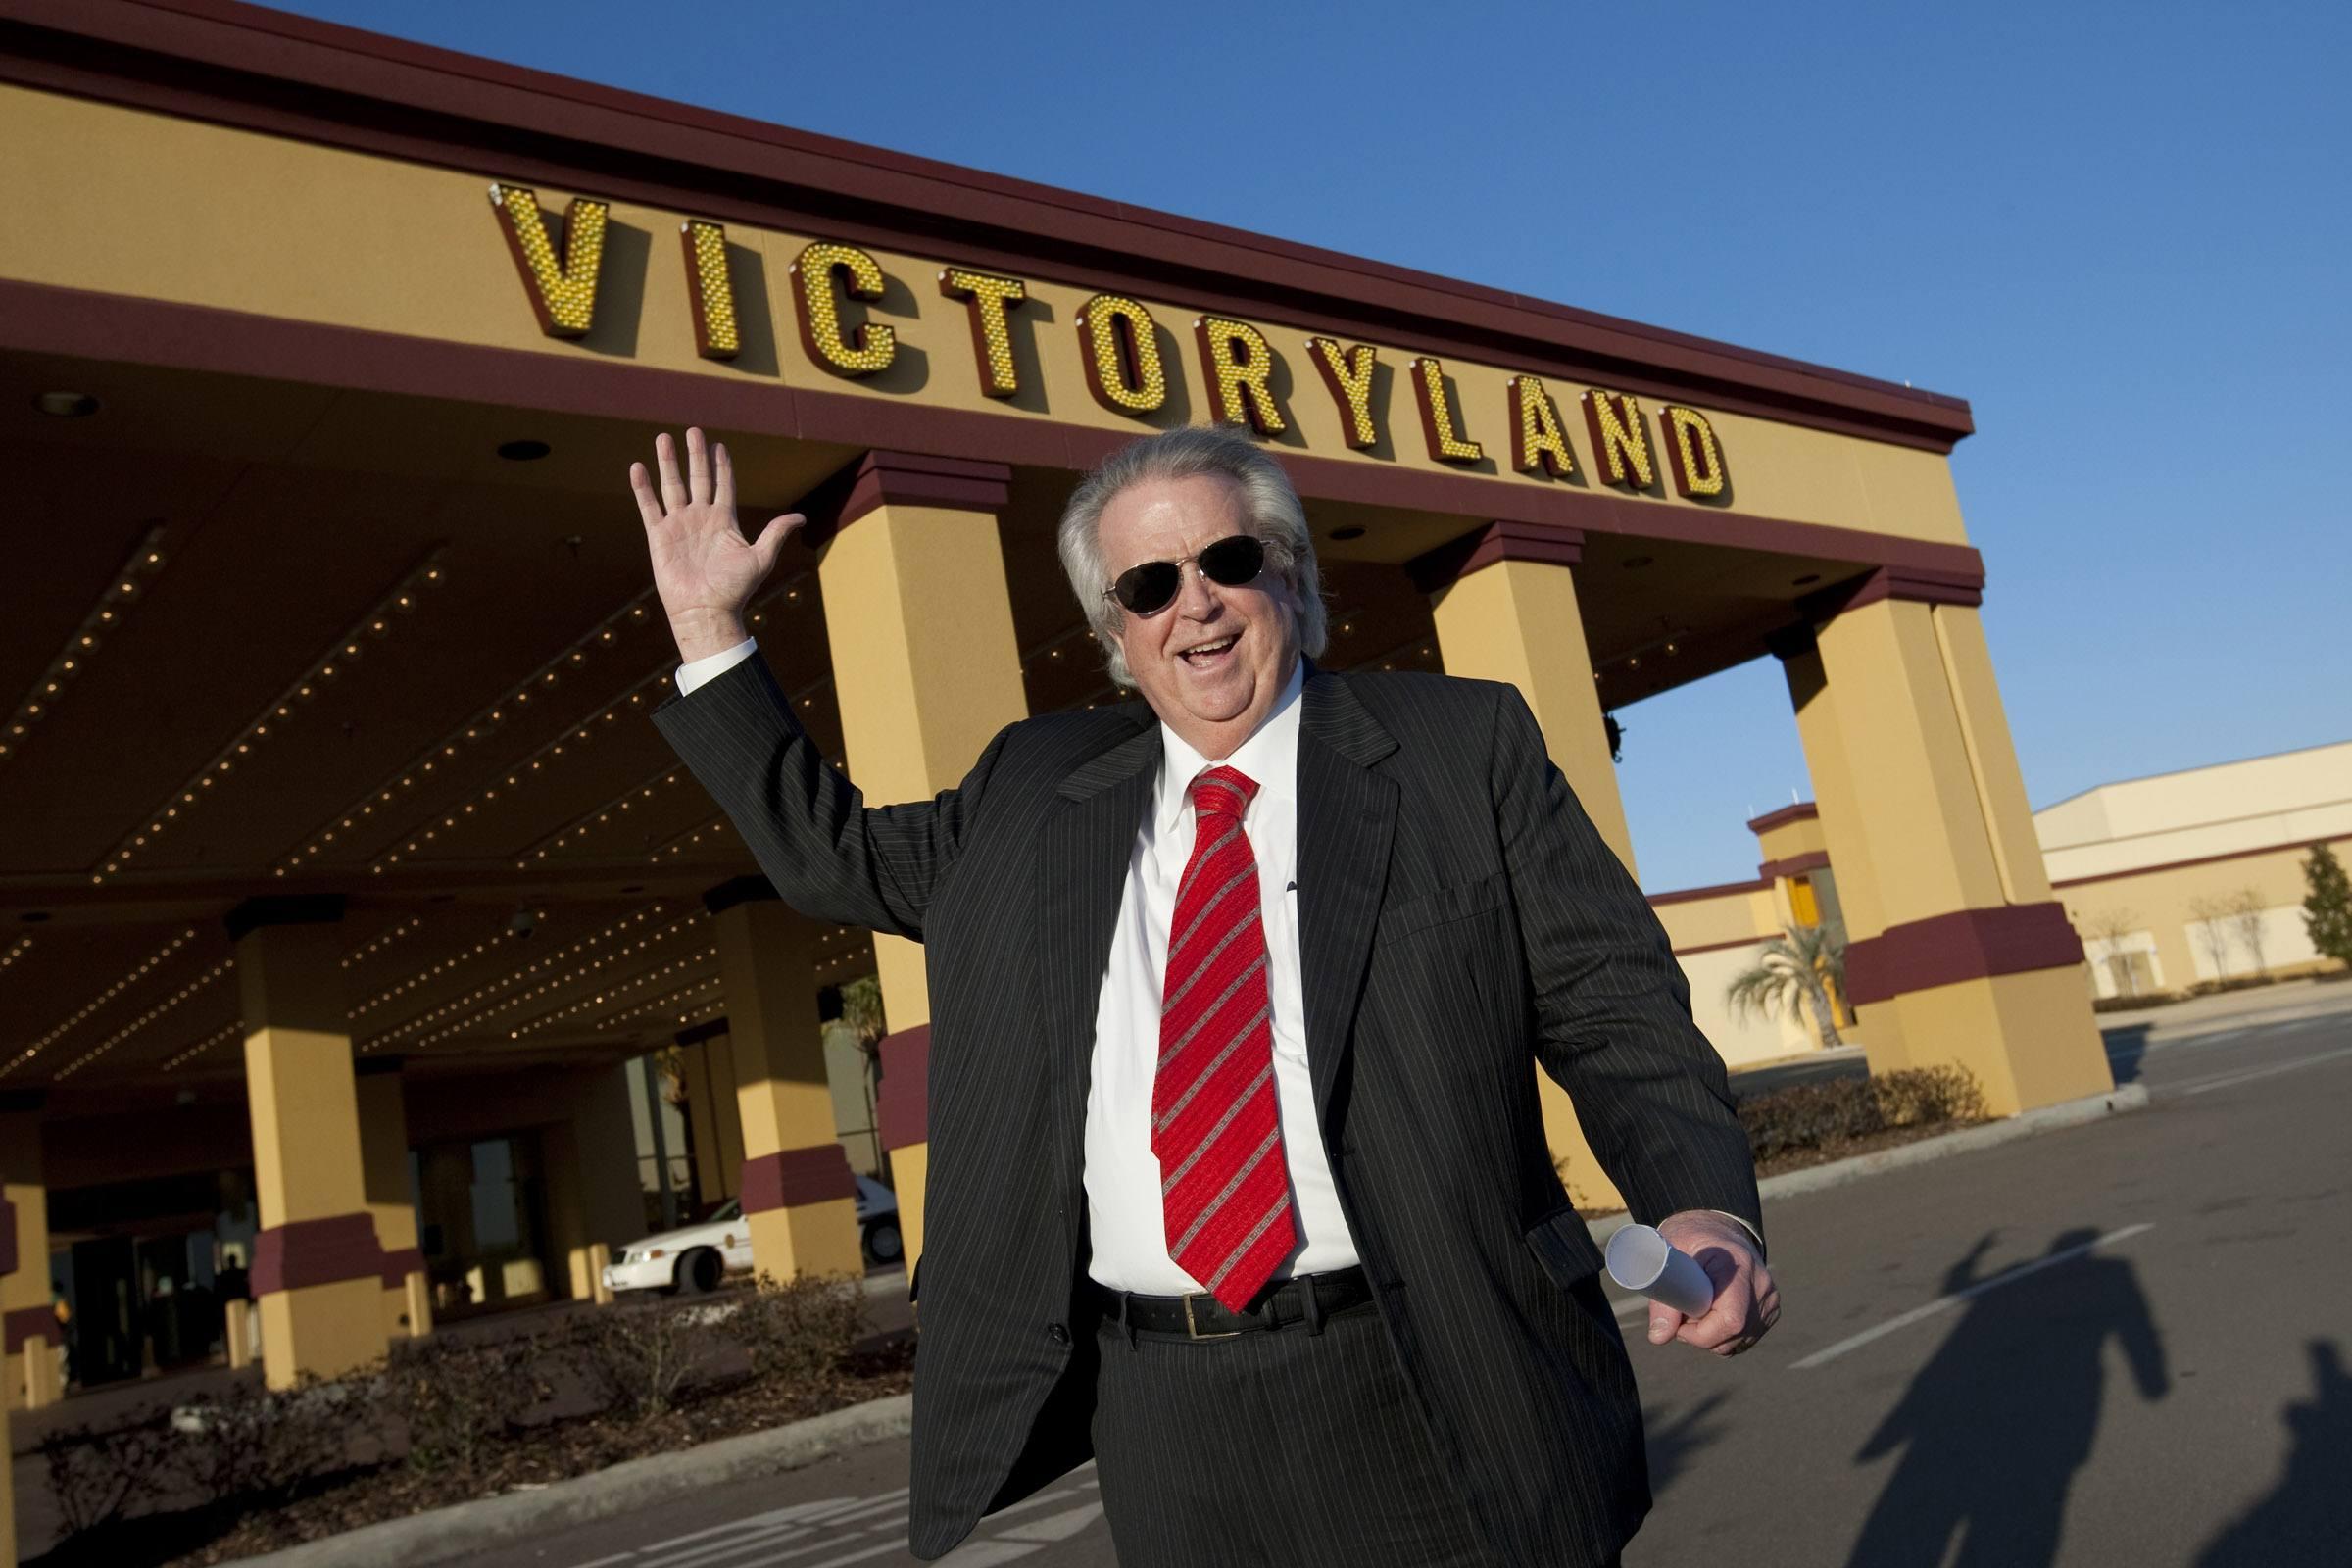 Victoryland owner Milton McGregor dies